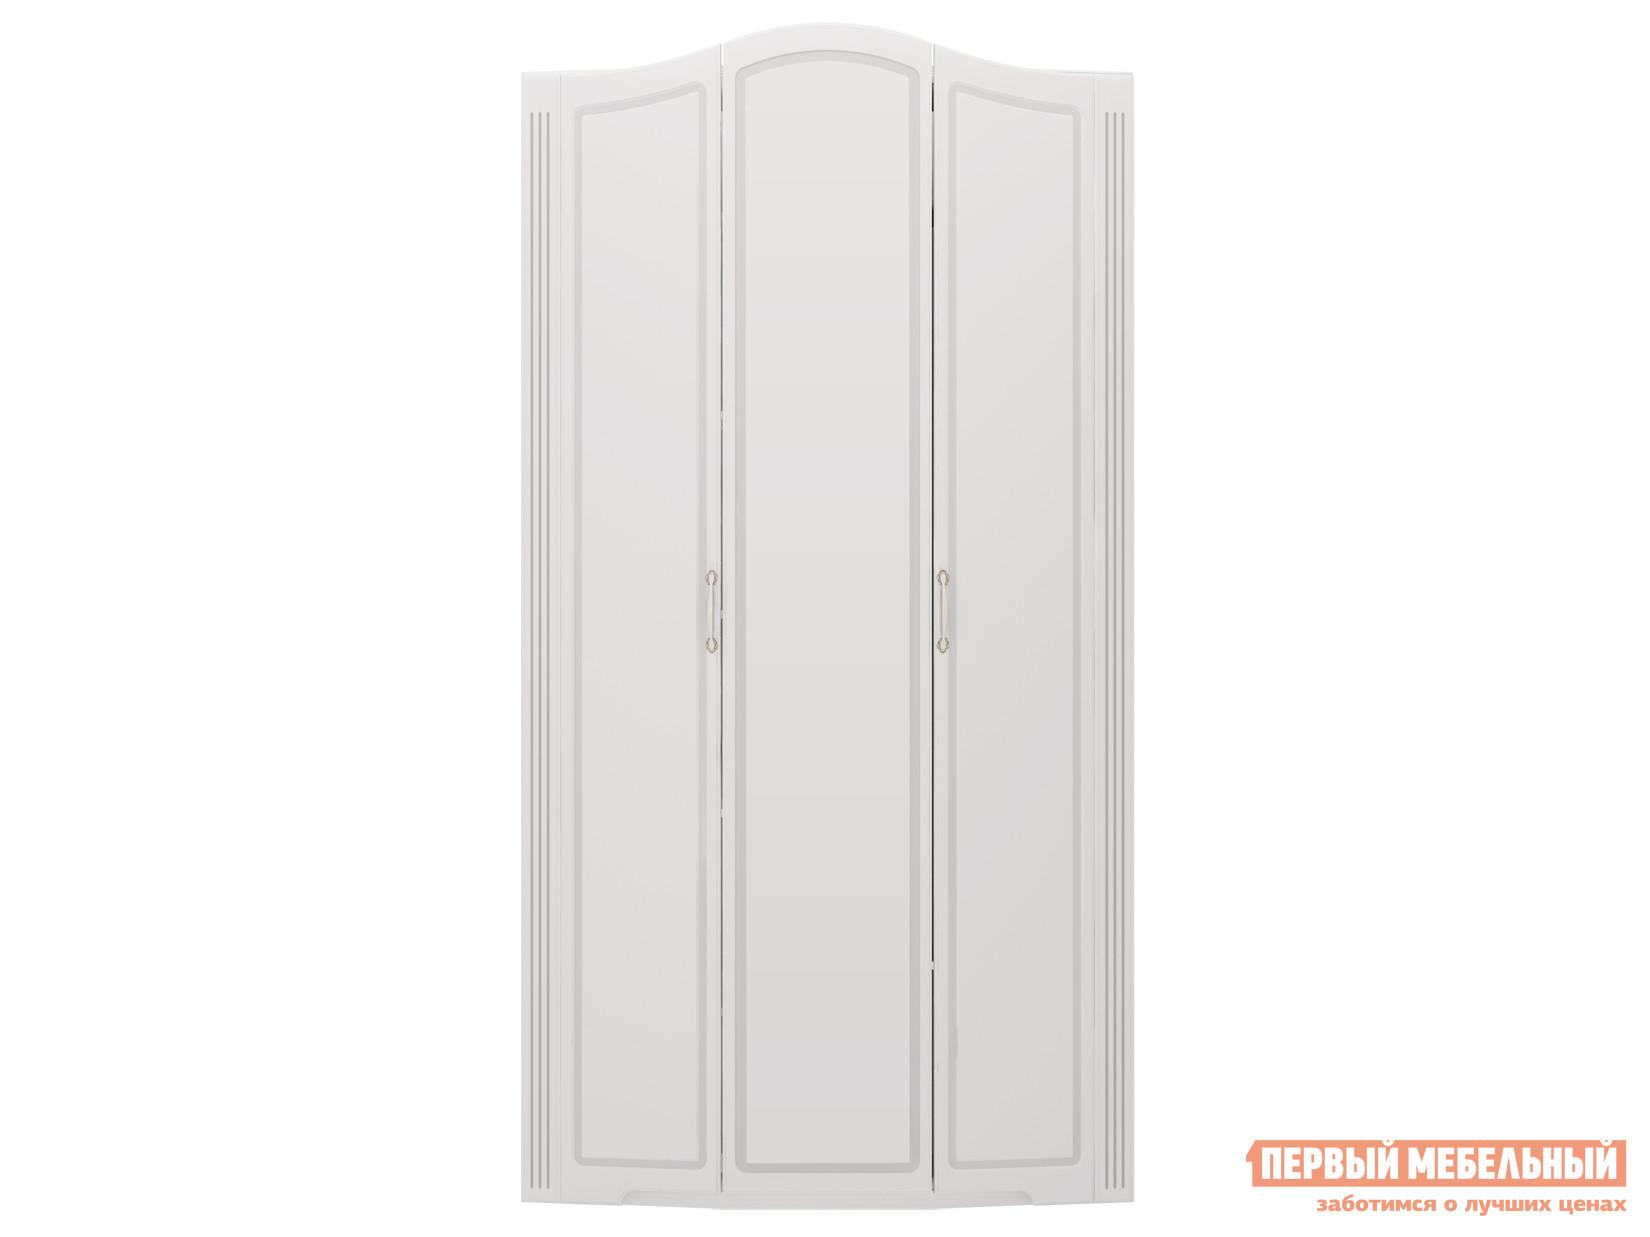 цена на Шкаф распашной для одежды 3-х дверный ТД Арника Виктория 09